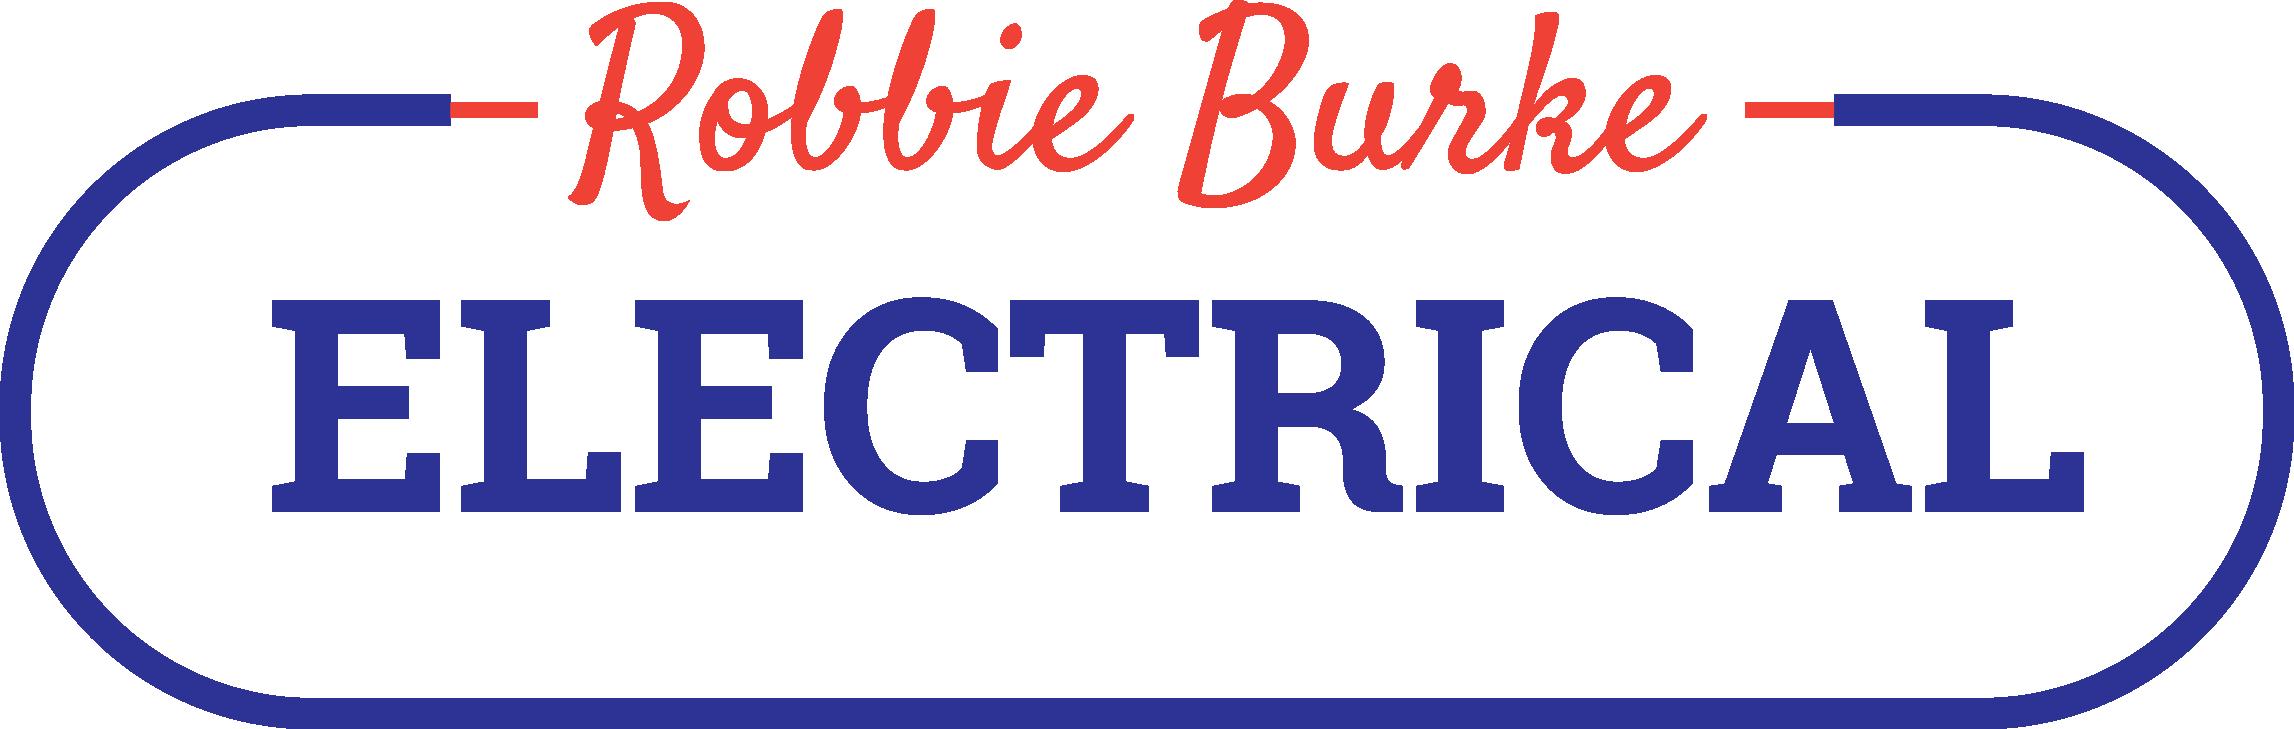 Robbie Burke Electrical